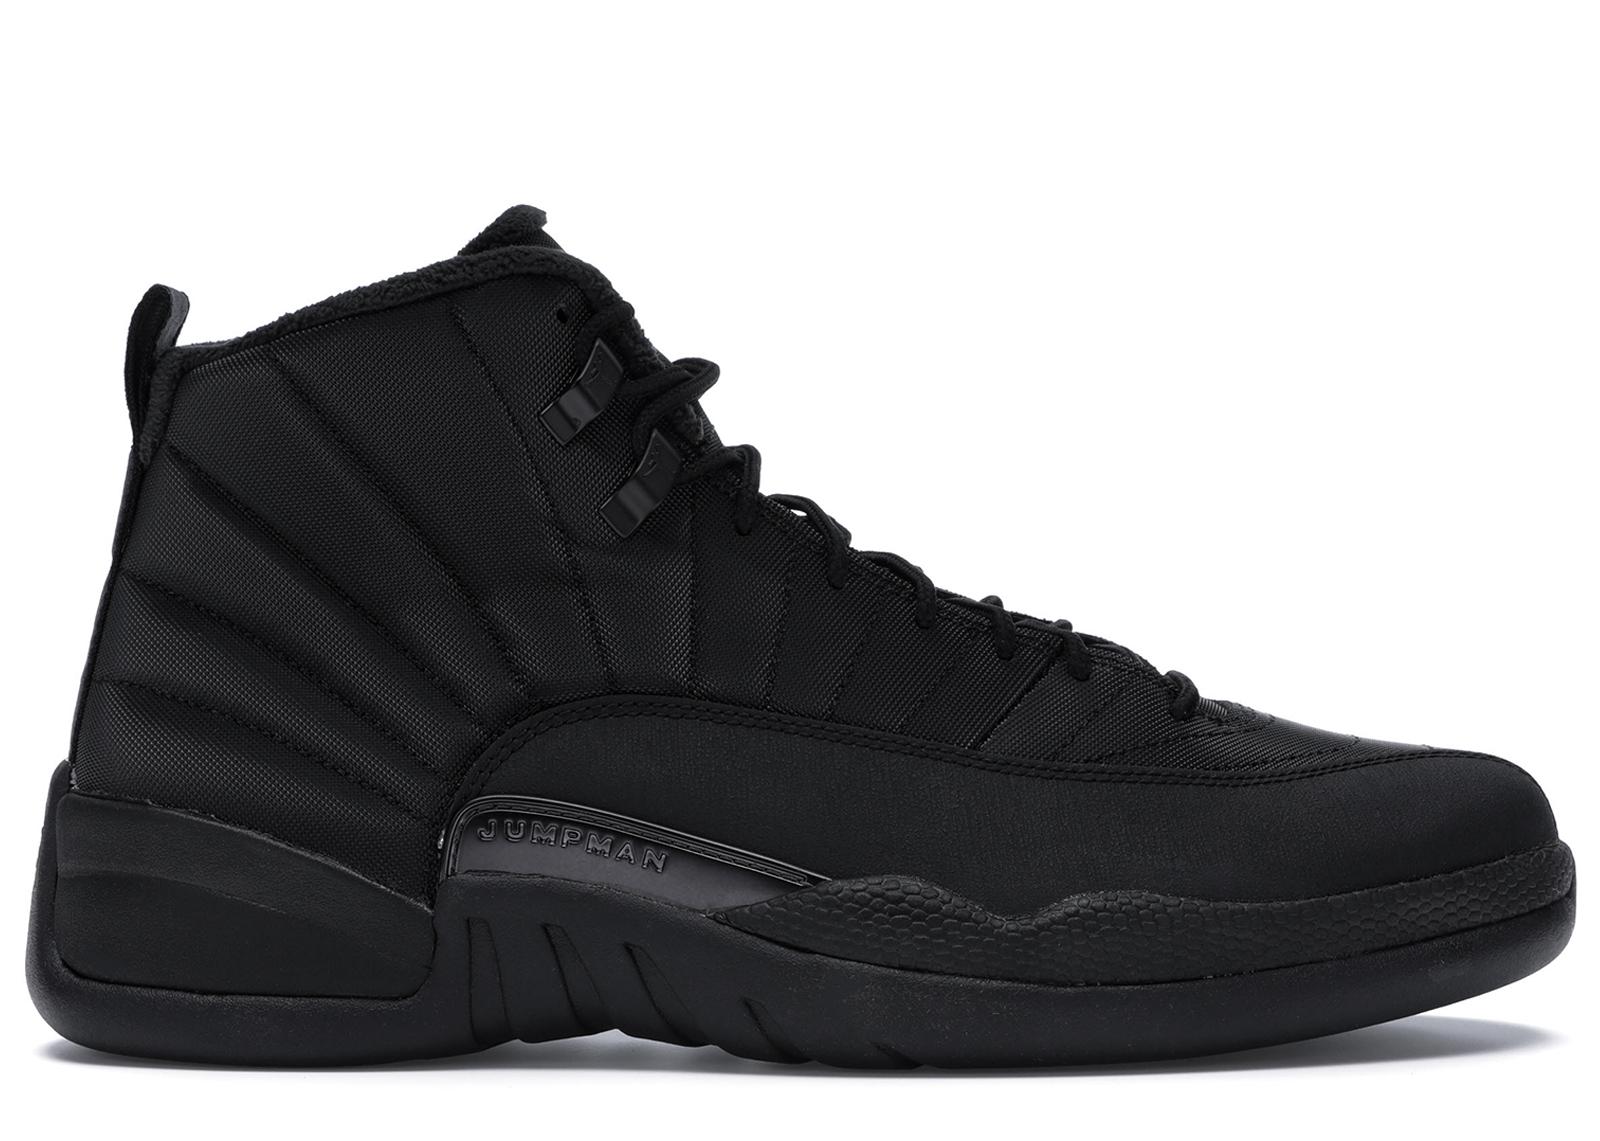 Jordan 12 Retro Winter Black